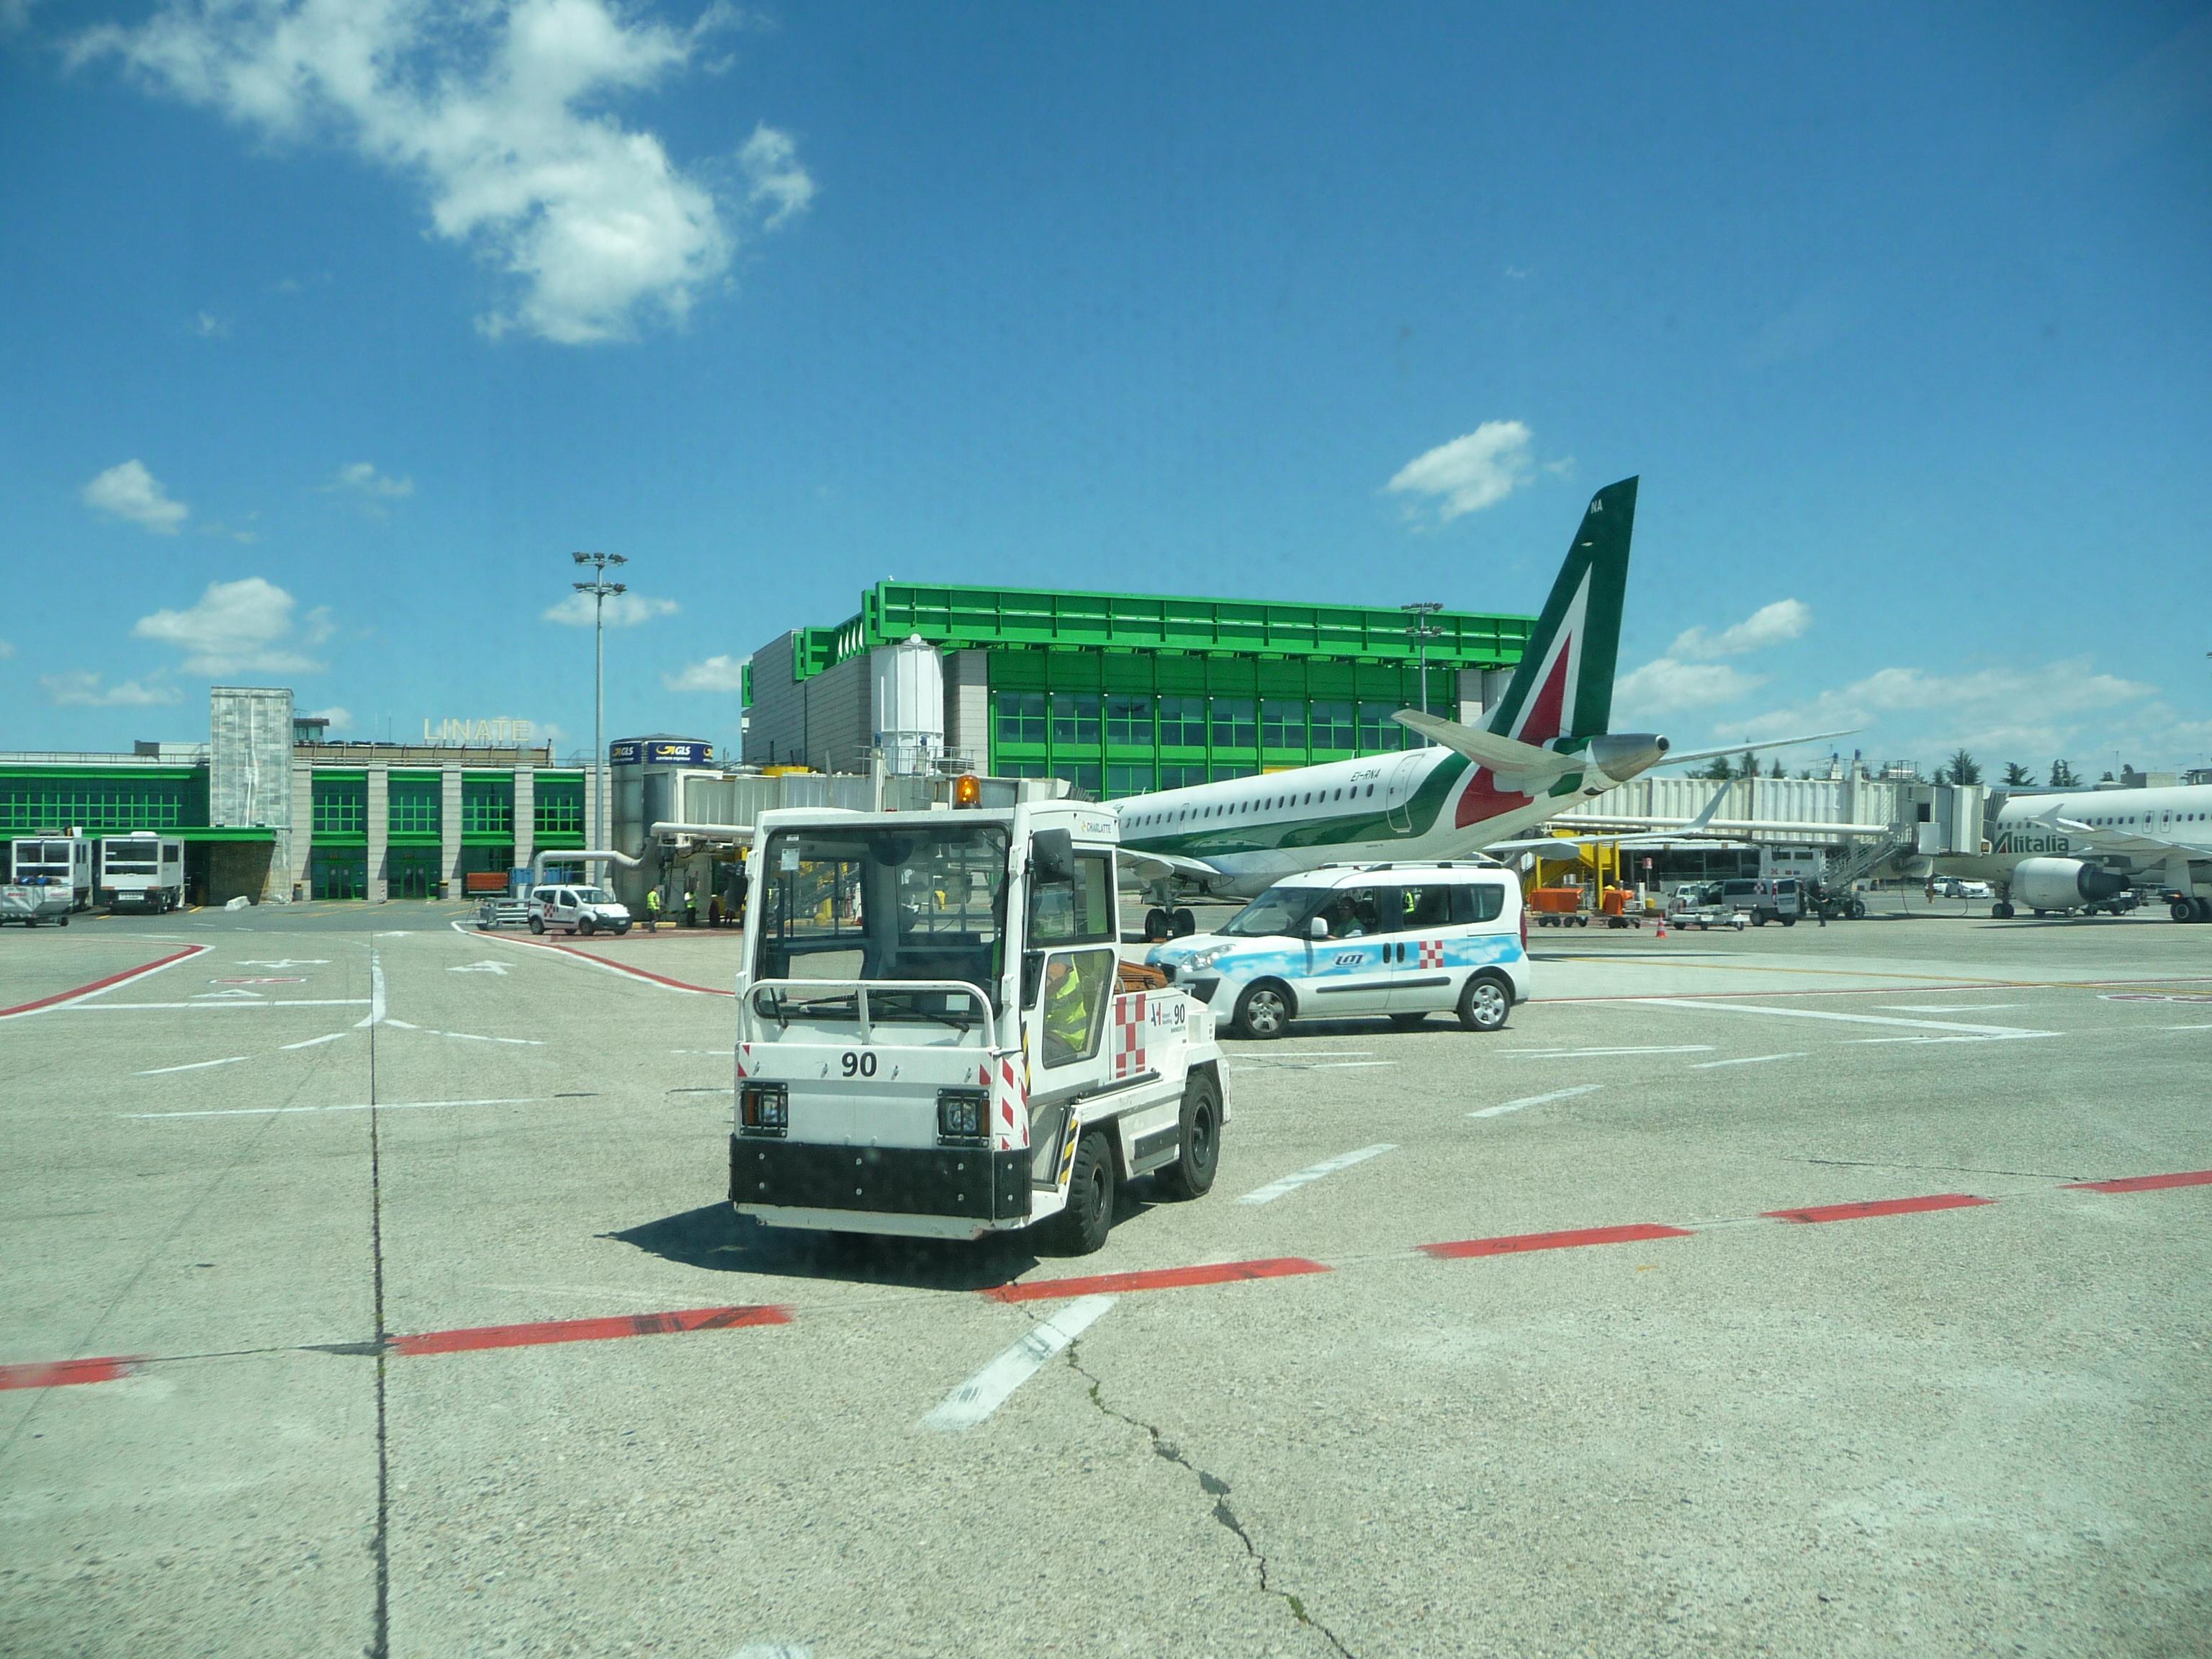 Milano Linate-lufthavnen lukker ned for flytrafik i tre måneder til næste år. Foto: Immanuel Giel